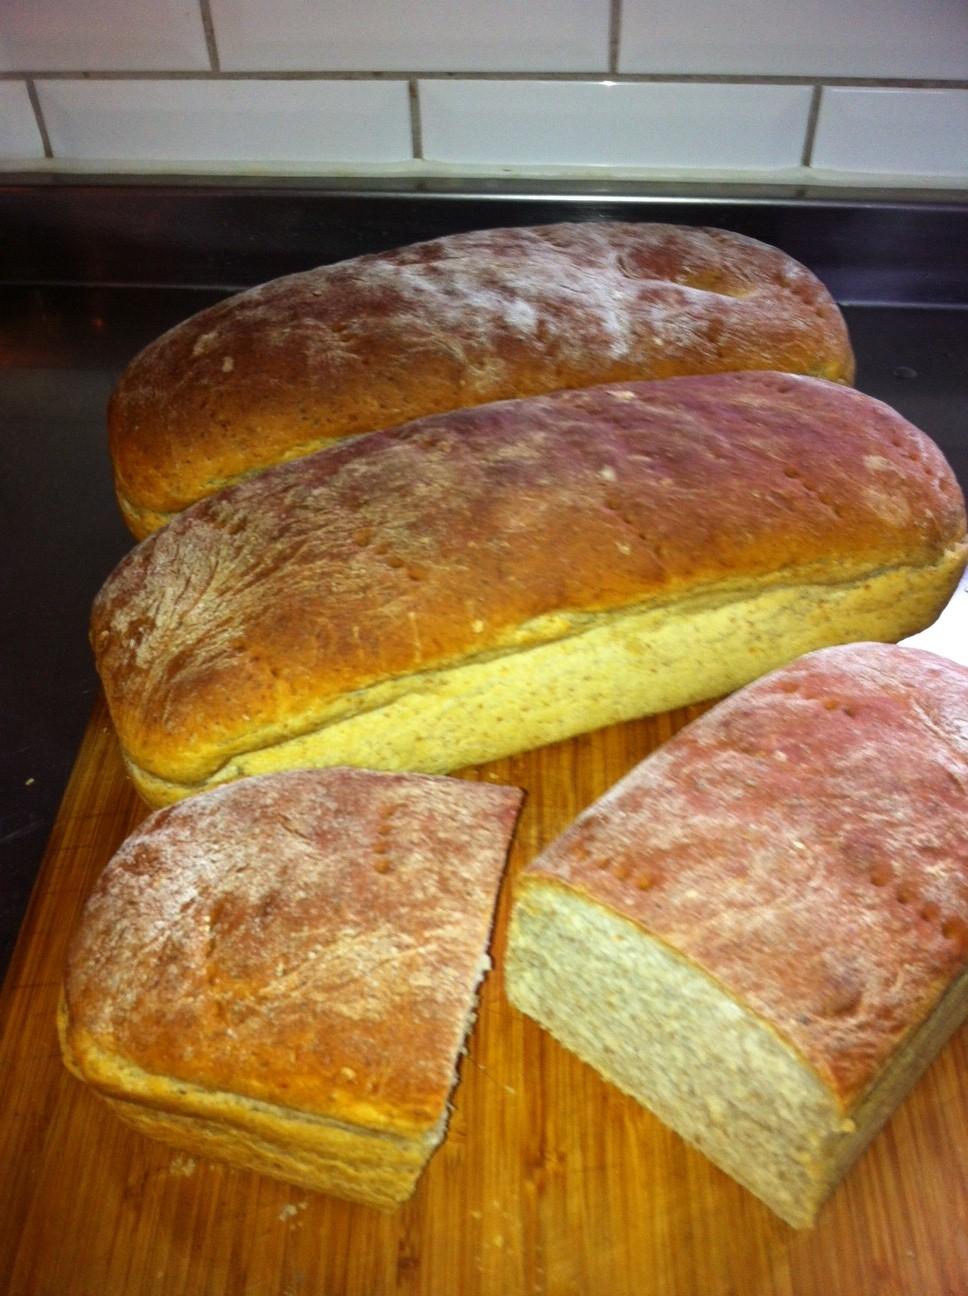 baka gott bröd i brödform